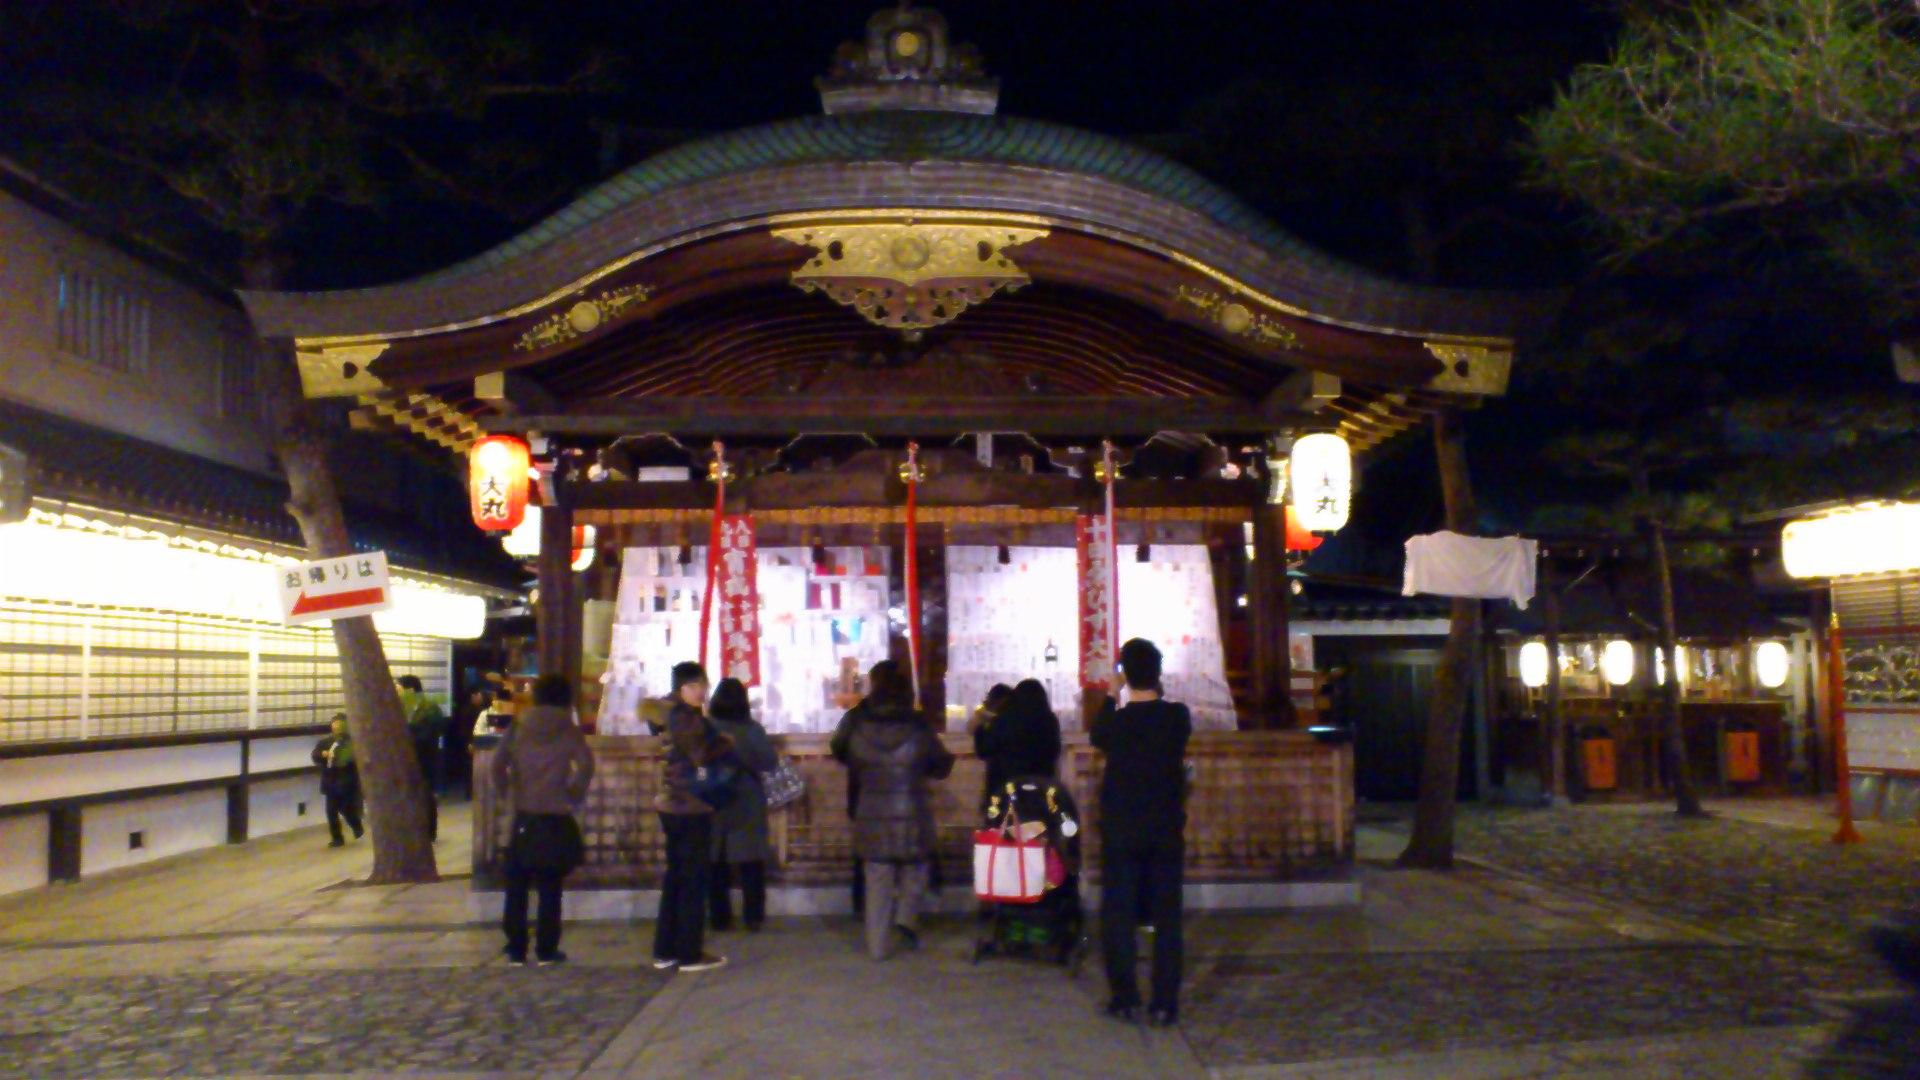 12日の京都恵比寿神社。露店はありませんが奉納は受け付けたはりました。